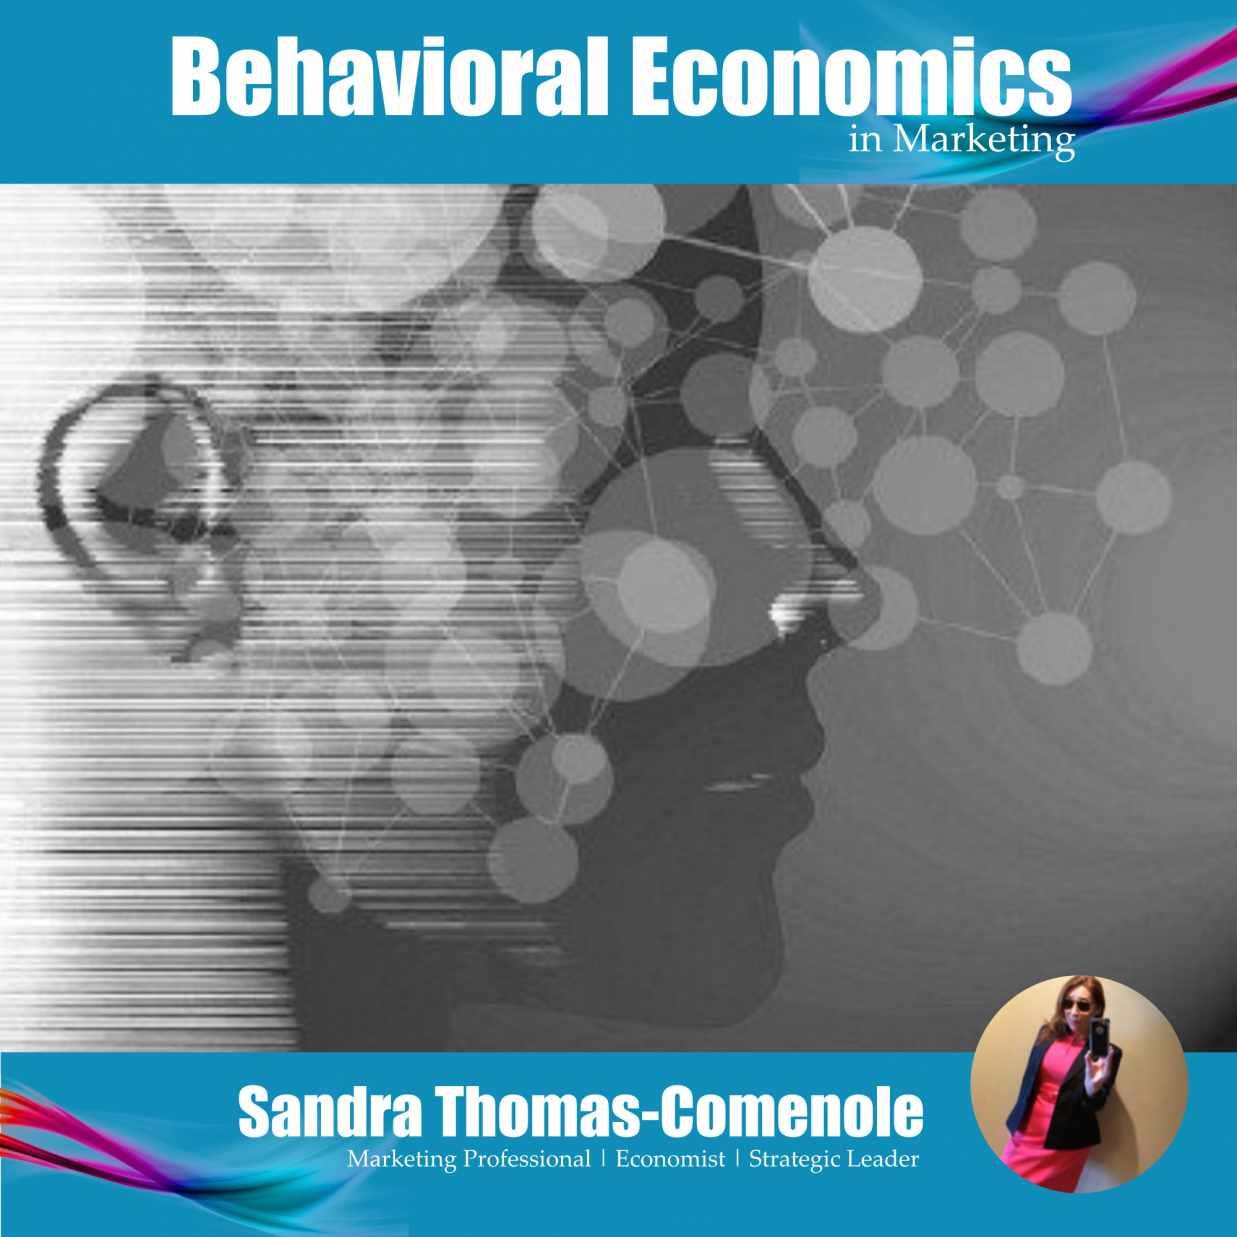 Behavioral Economics in Marketing Podcast Logo